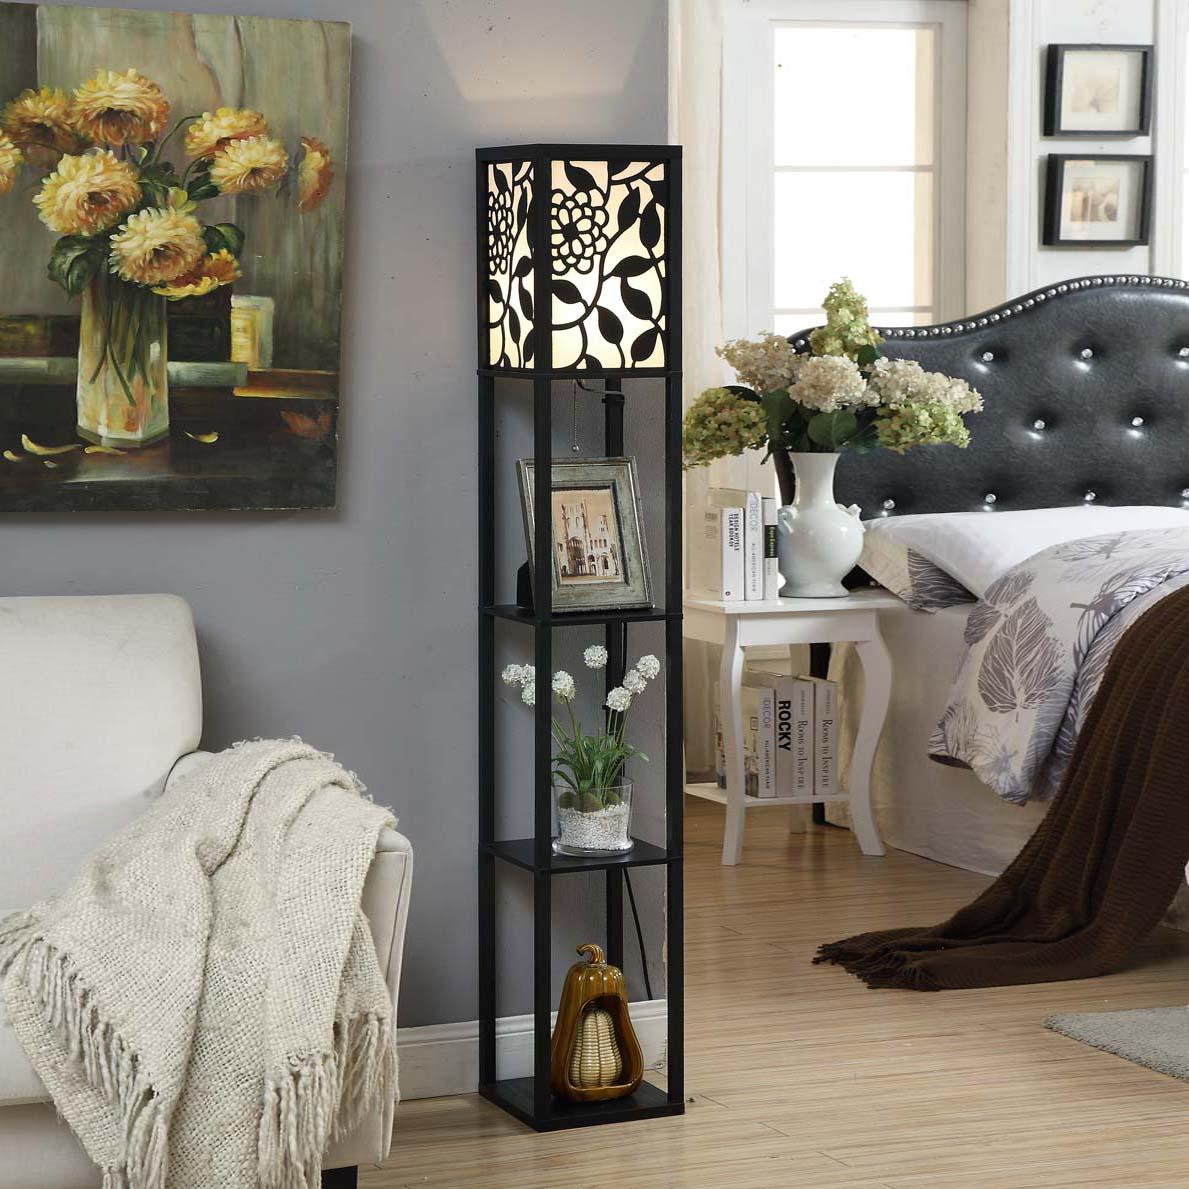 简约现代中式雕花客厅落地灯卧室床头灯沙发灯置物个姓创意灯饰